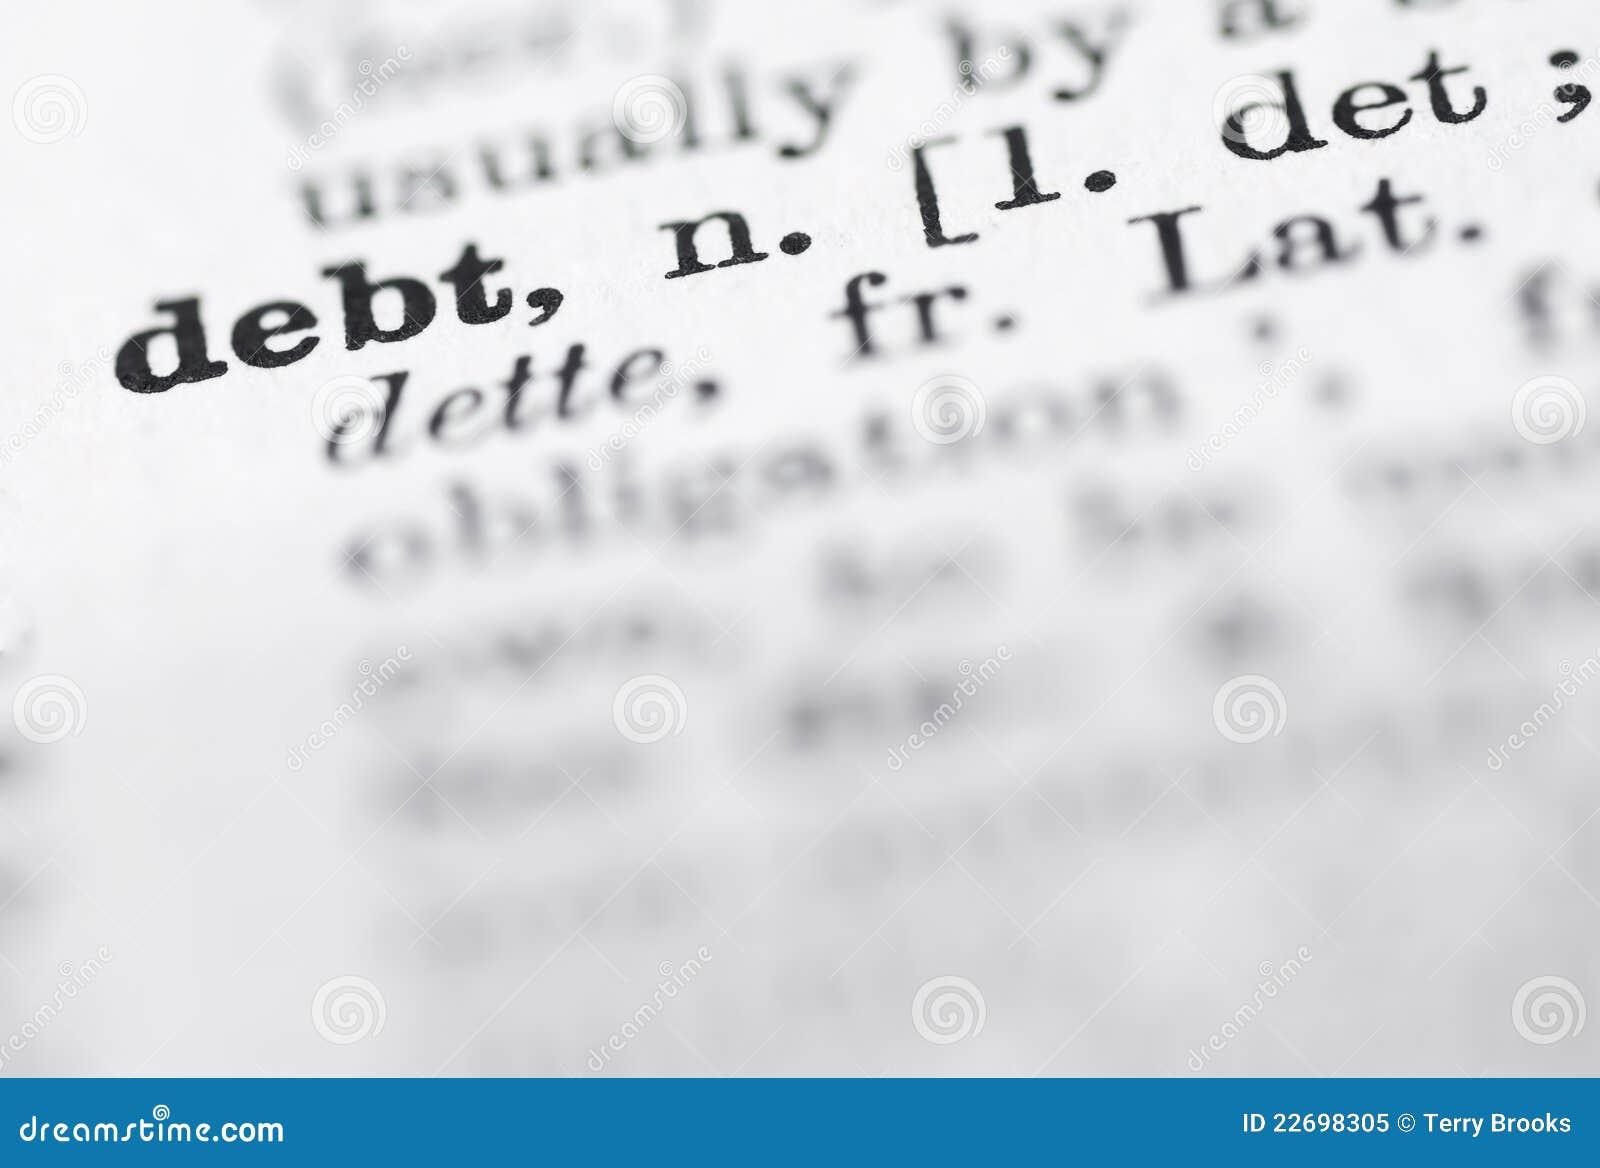 De Definitie Van De Schuld In Engels Woordenboek Stock